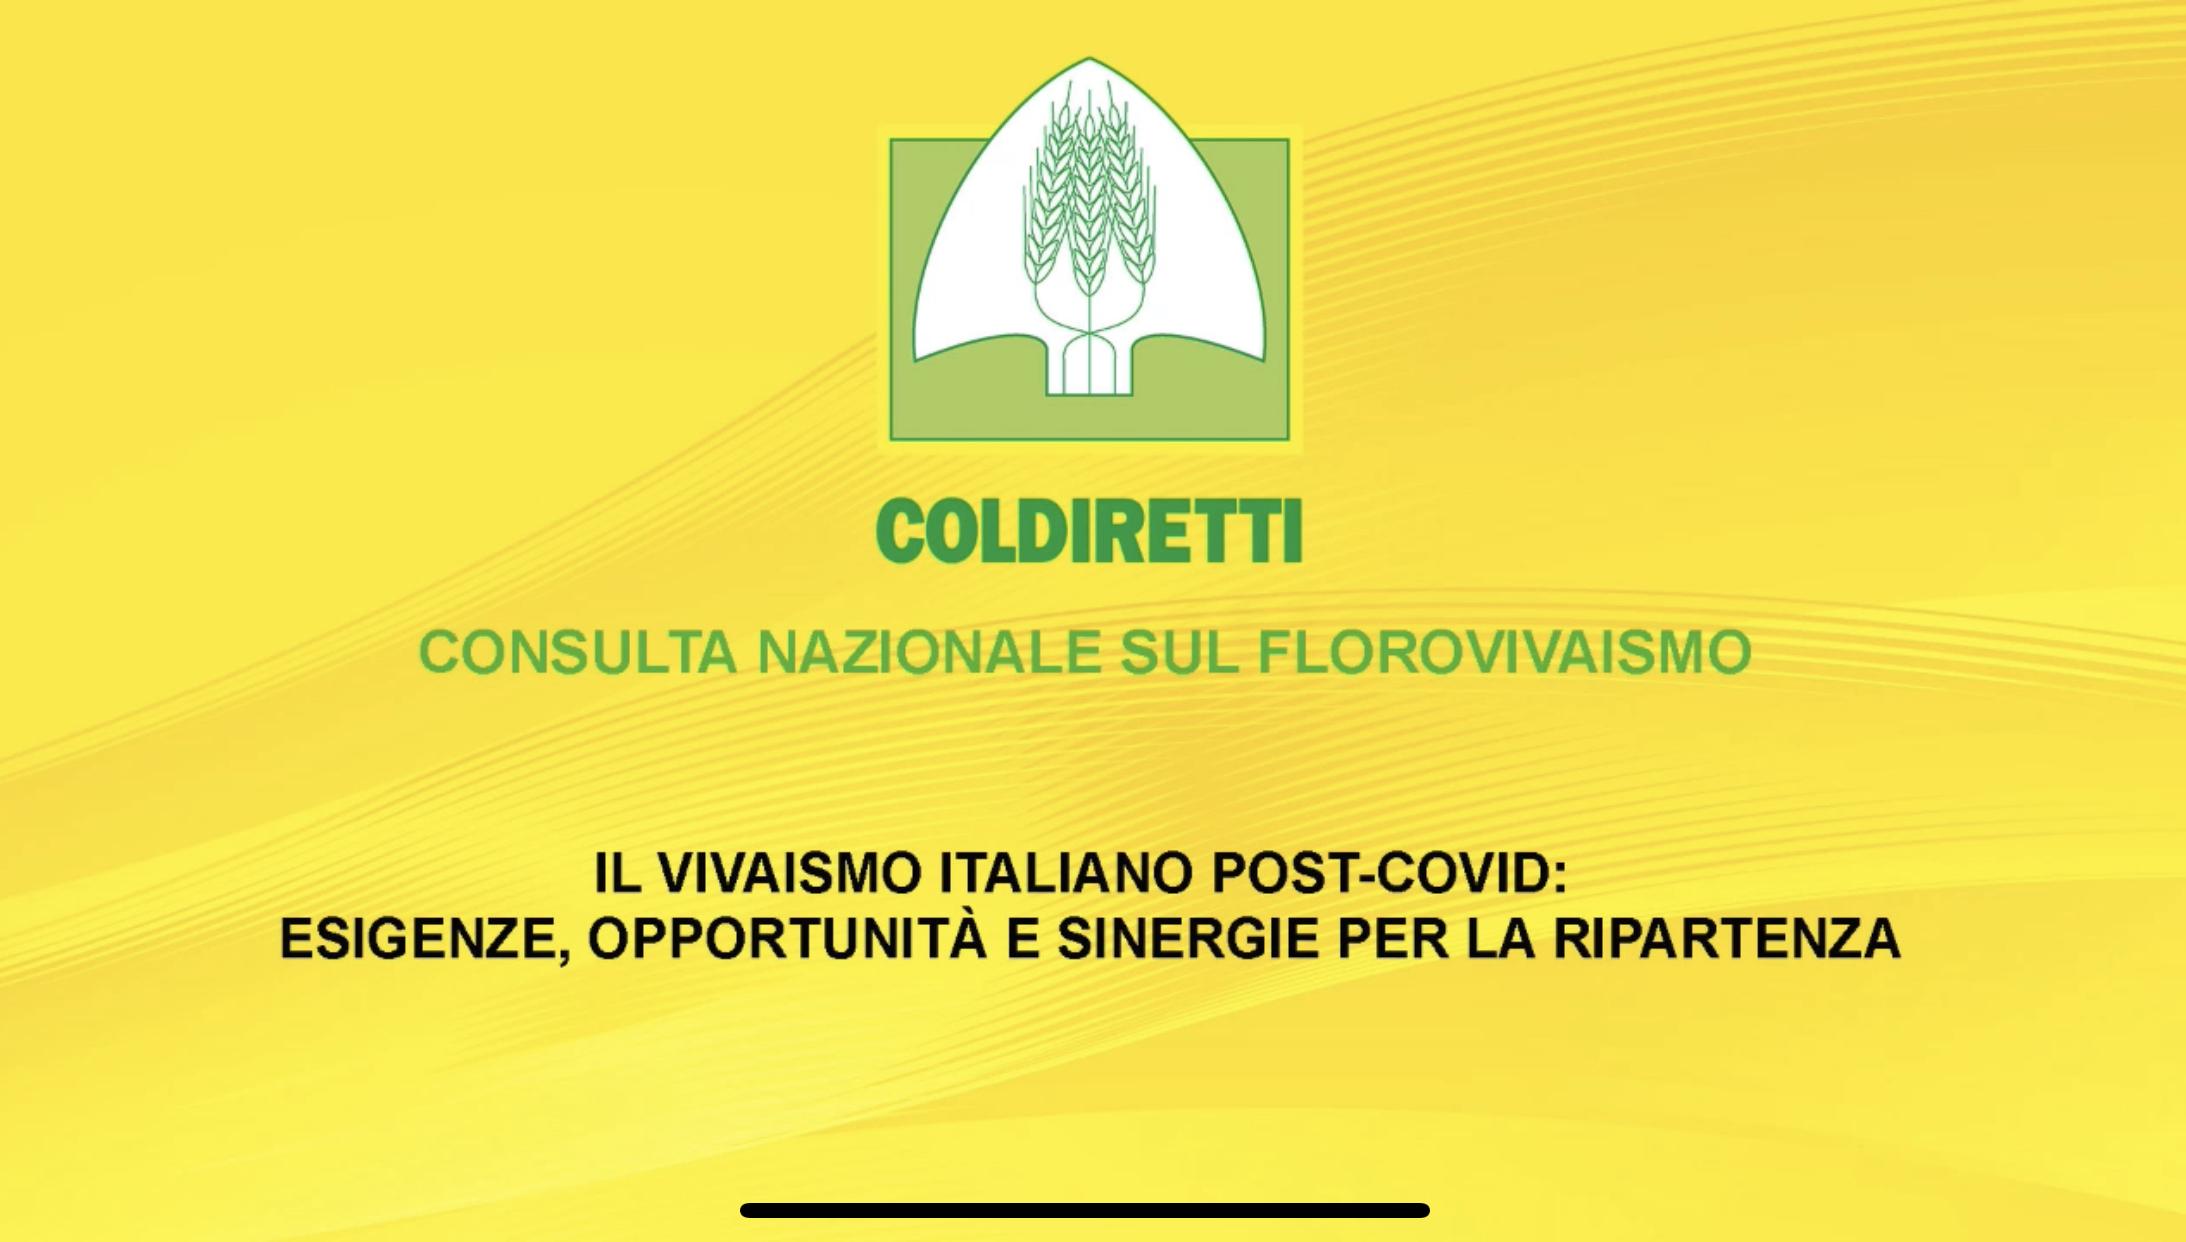 A Roma, con la Consulta Florovivaistica Coldiretti, incontro sul vivaismo italiano post Covid-19.